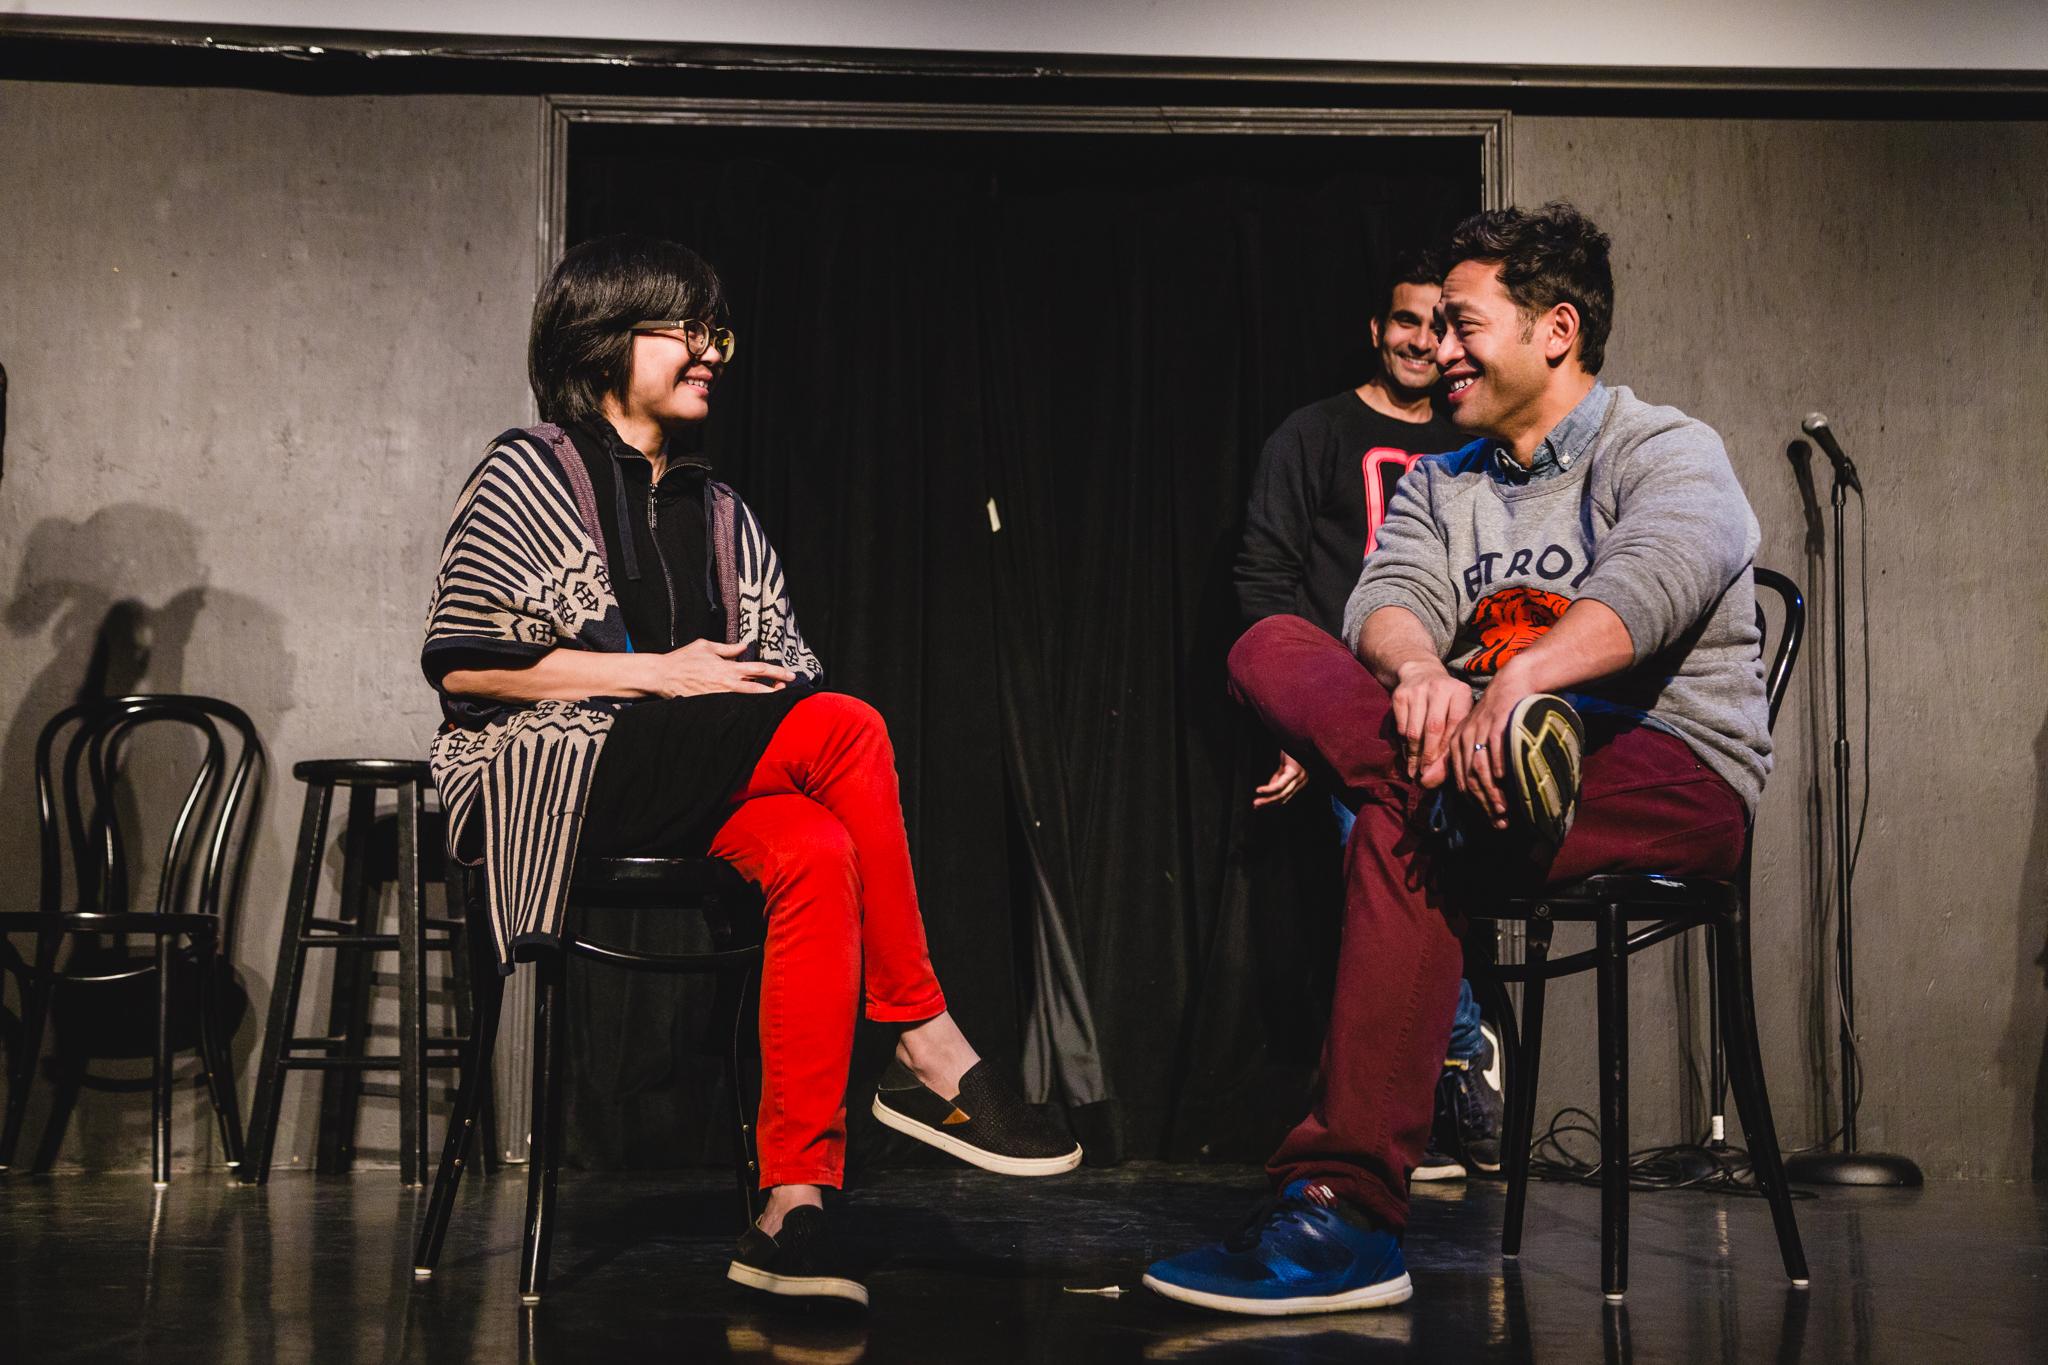 Keiko Agena & Eugene Cordero